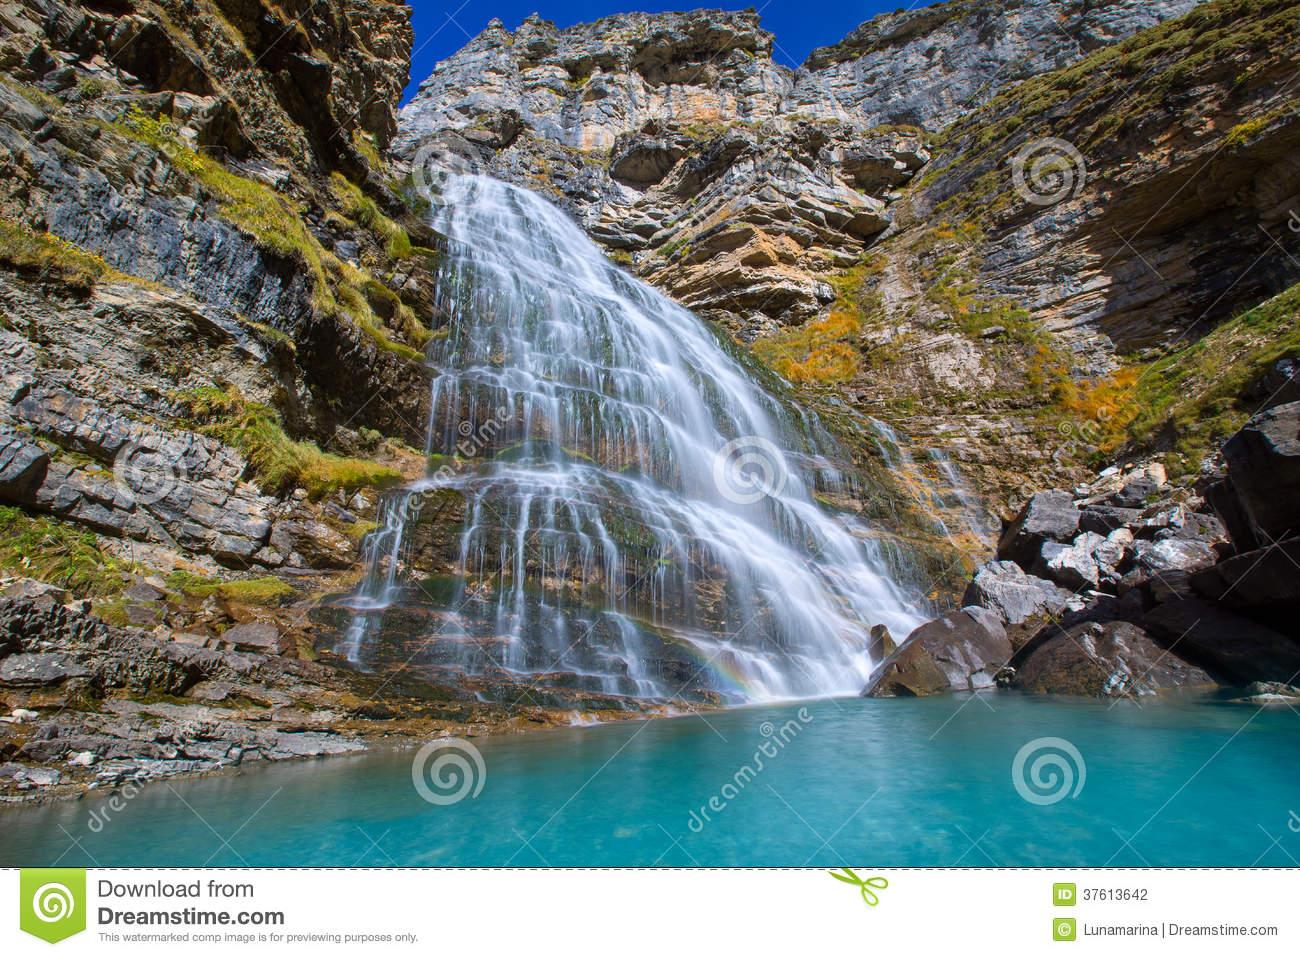 Cascada Cola De Caballo At Ordesa Valley Pyrenees Spain Stock.